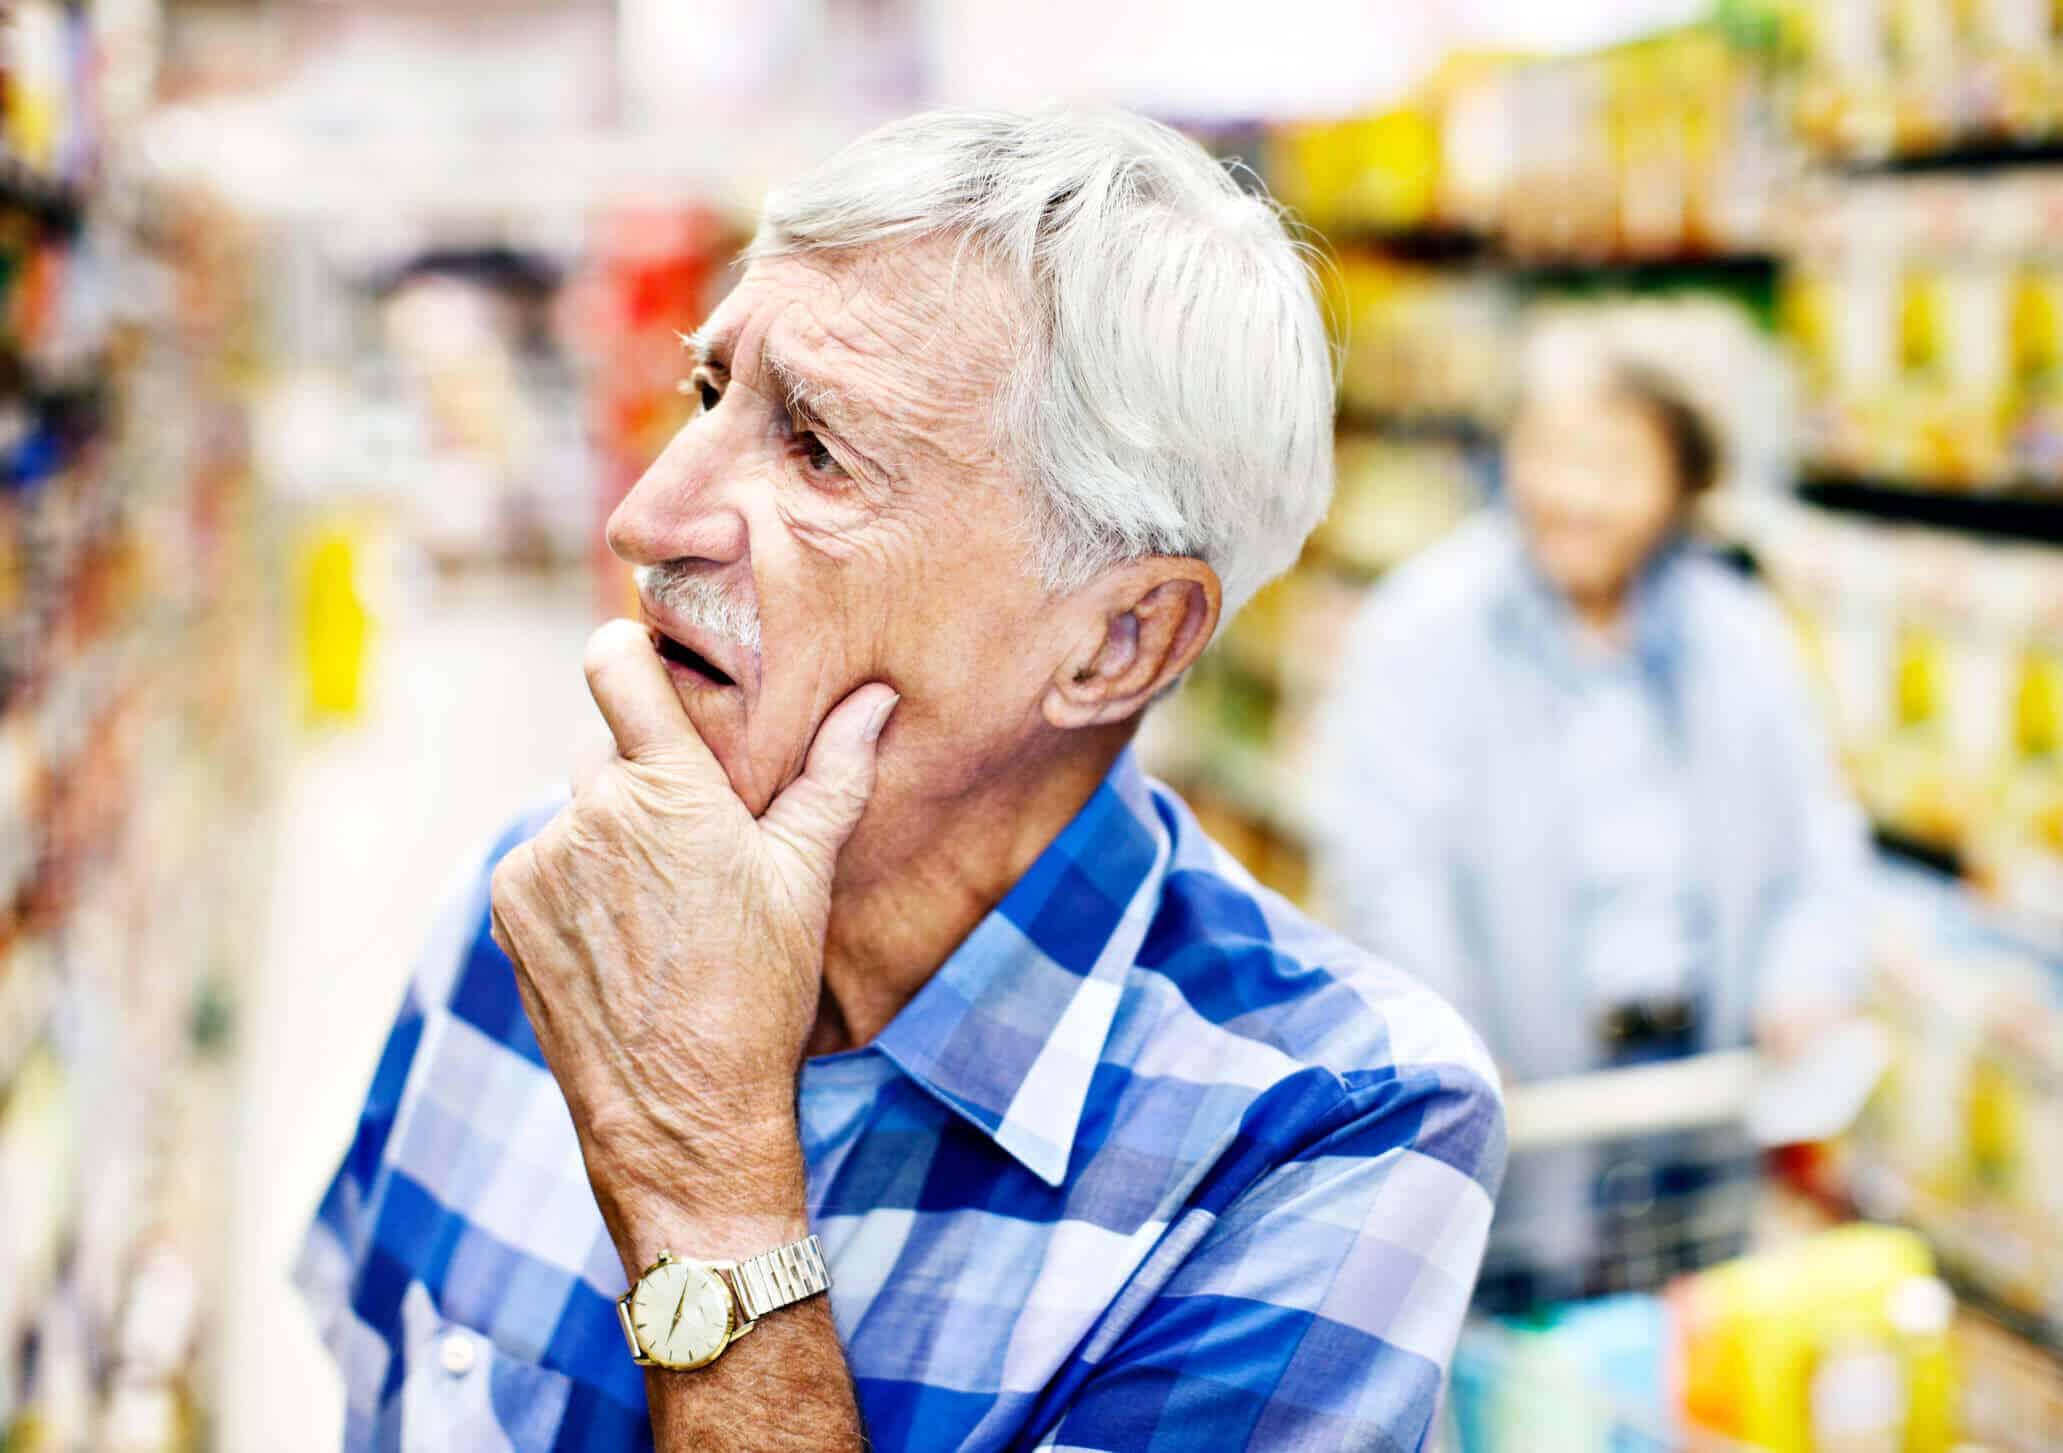 Homem branco idoso com a mão no queixo | confusão mental